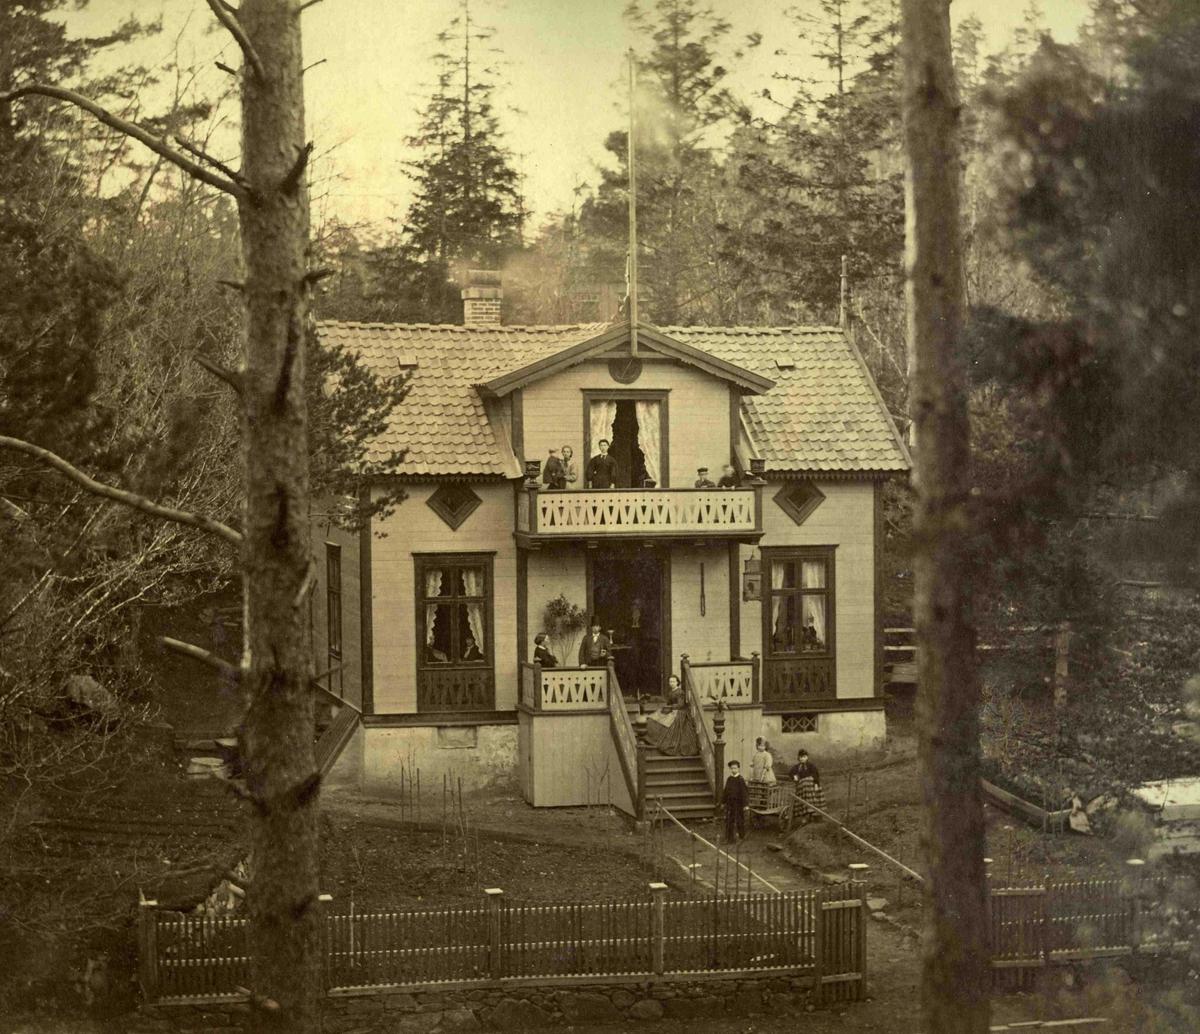 Fra John Ditlef Fürst album. Egelund - Tannlege Moes landsted - AAks 44 - 4 - 7 Bilde nr 97